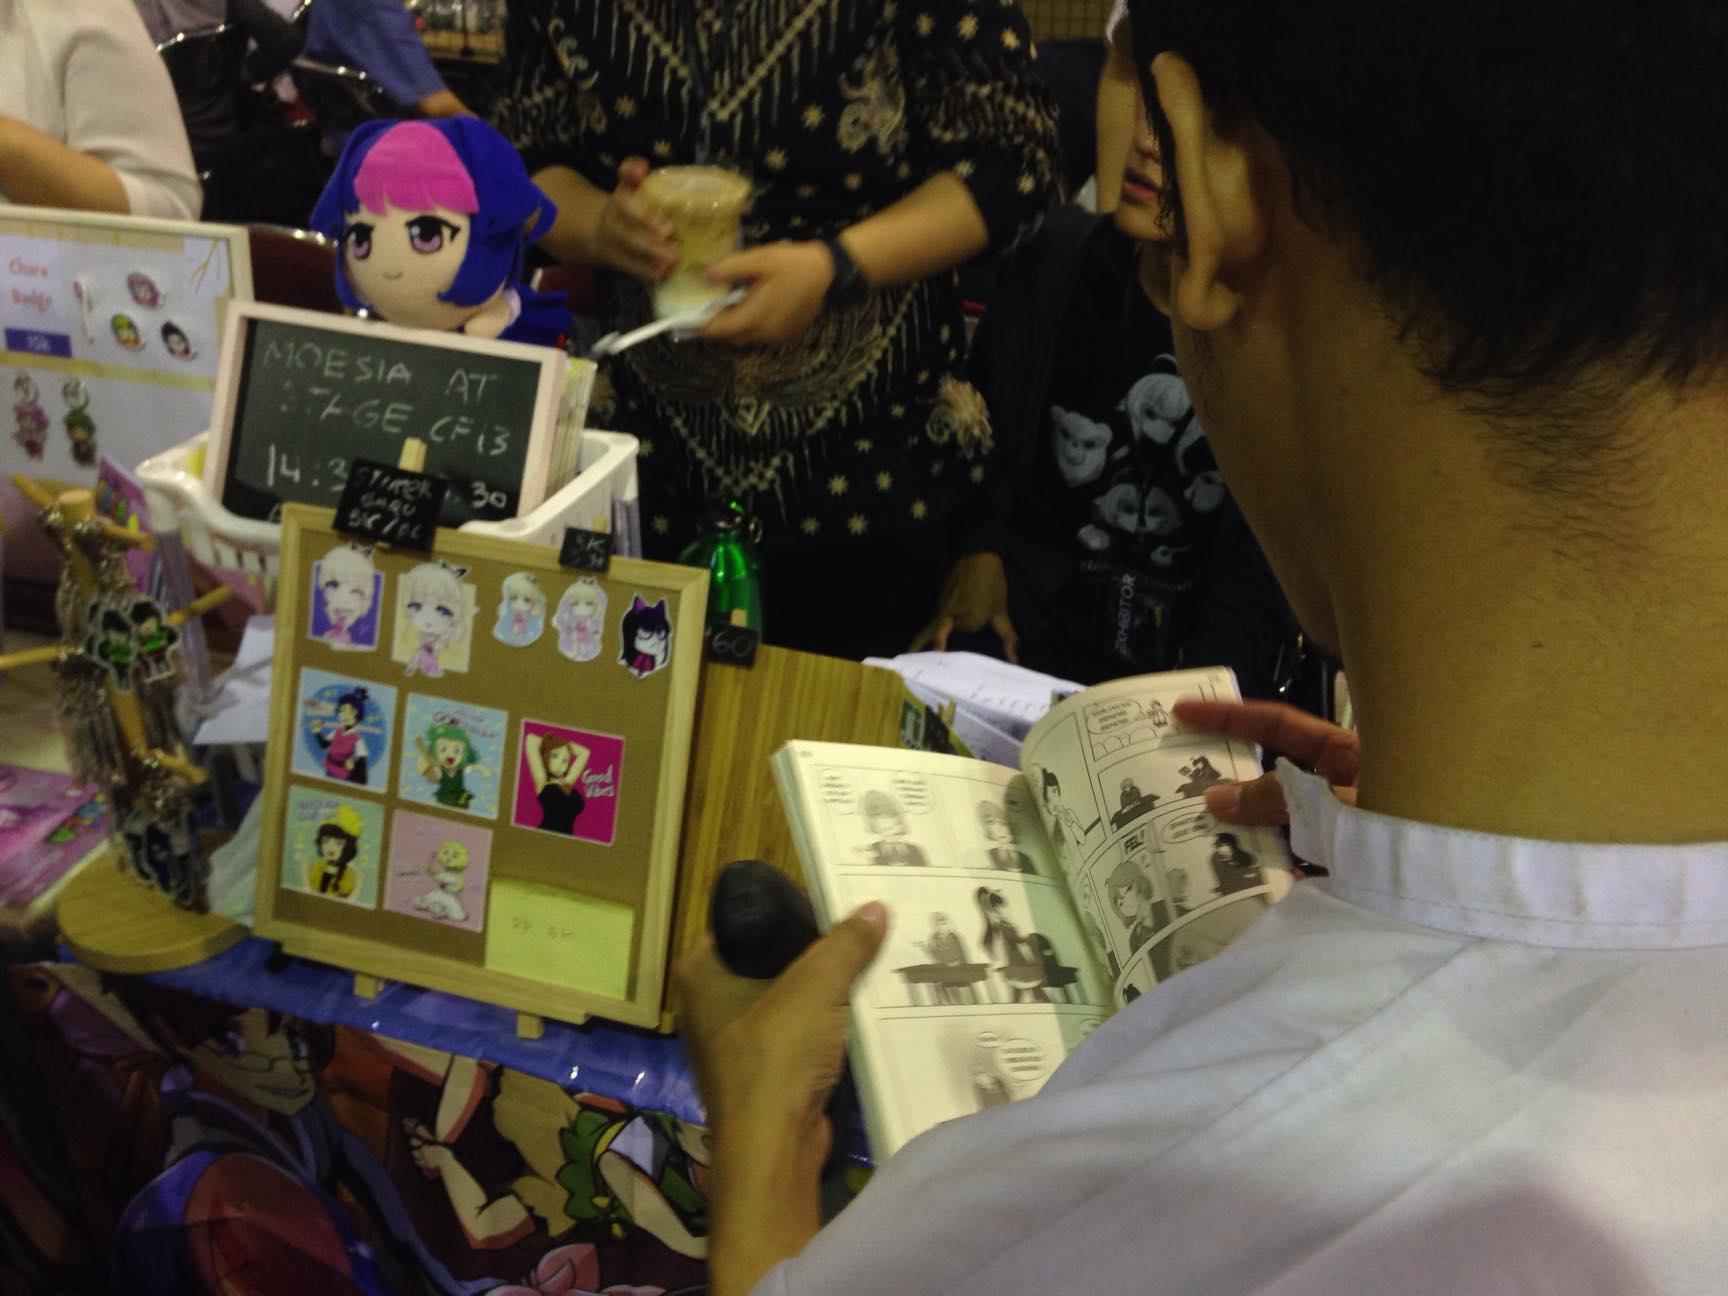 Booth Lingkarya Moesia dengan Berbagai Merch yang dijajakan